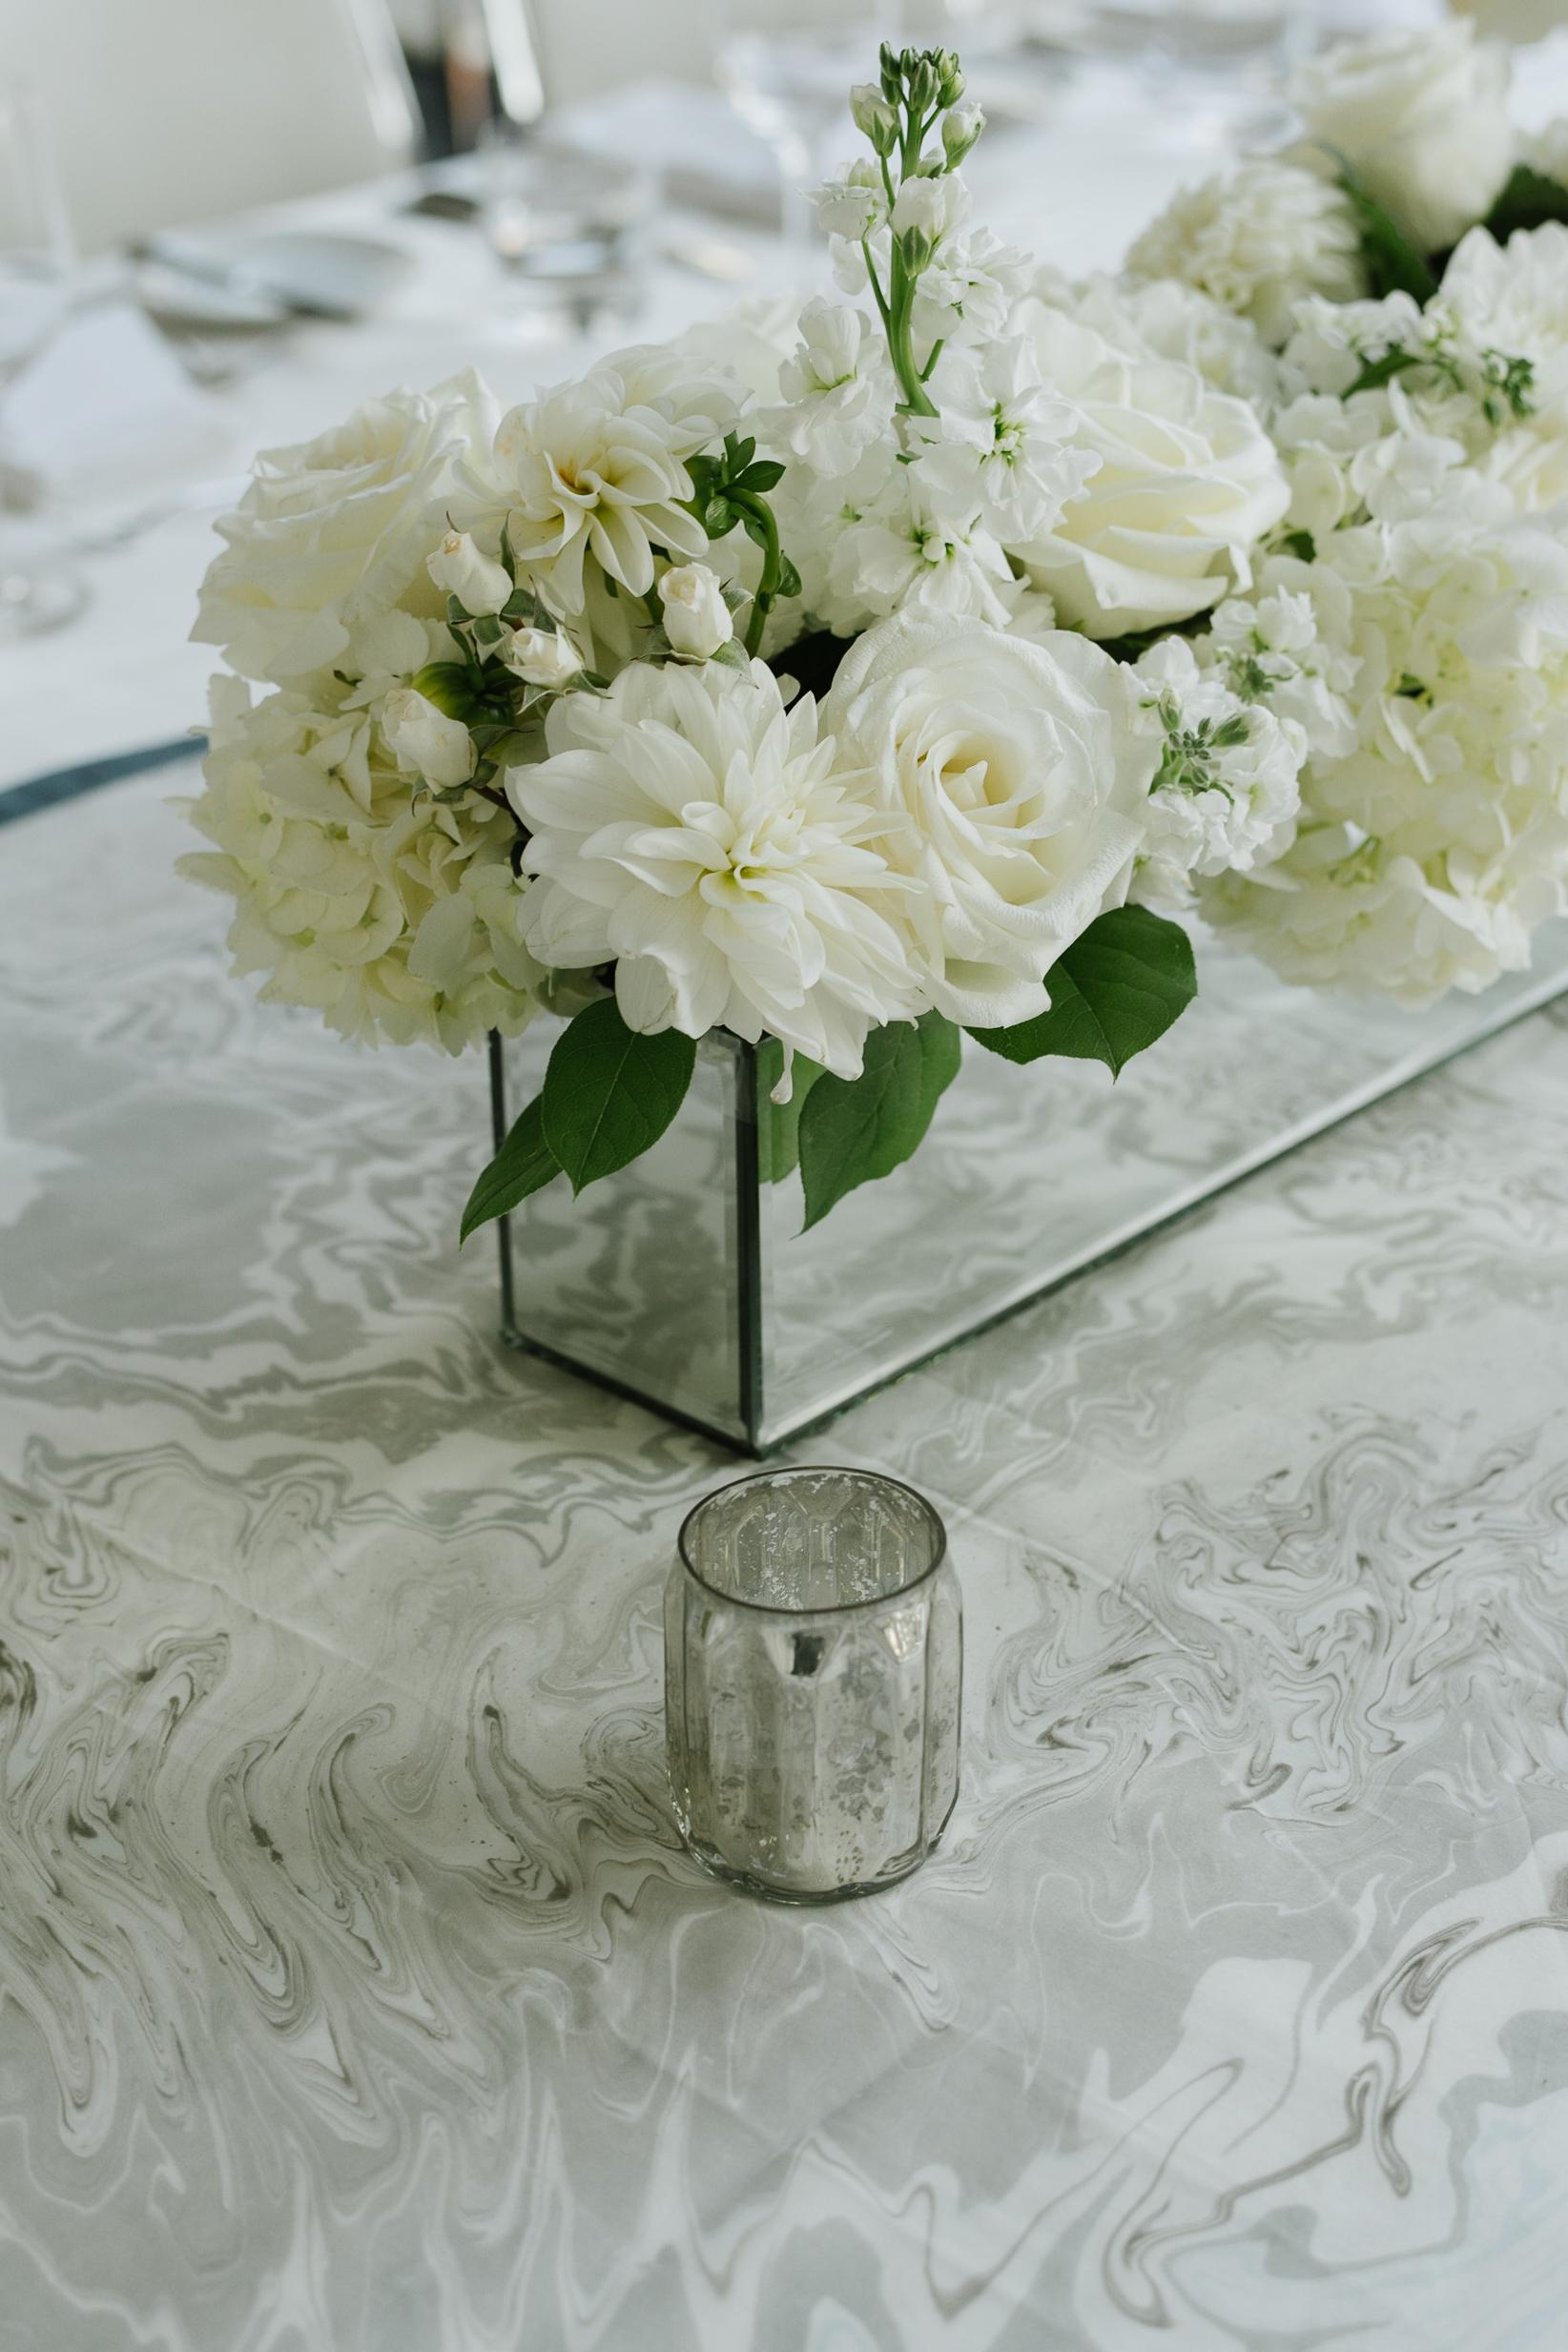 Modern White Wedding at Malaparte in Toronto - Custom marble runner